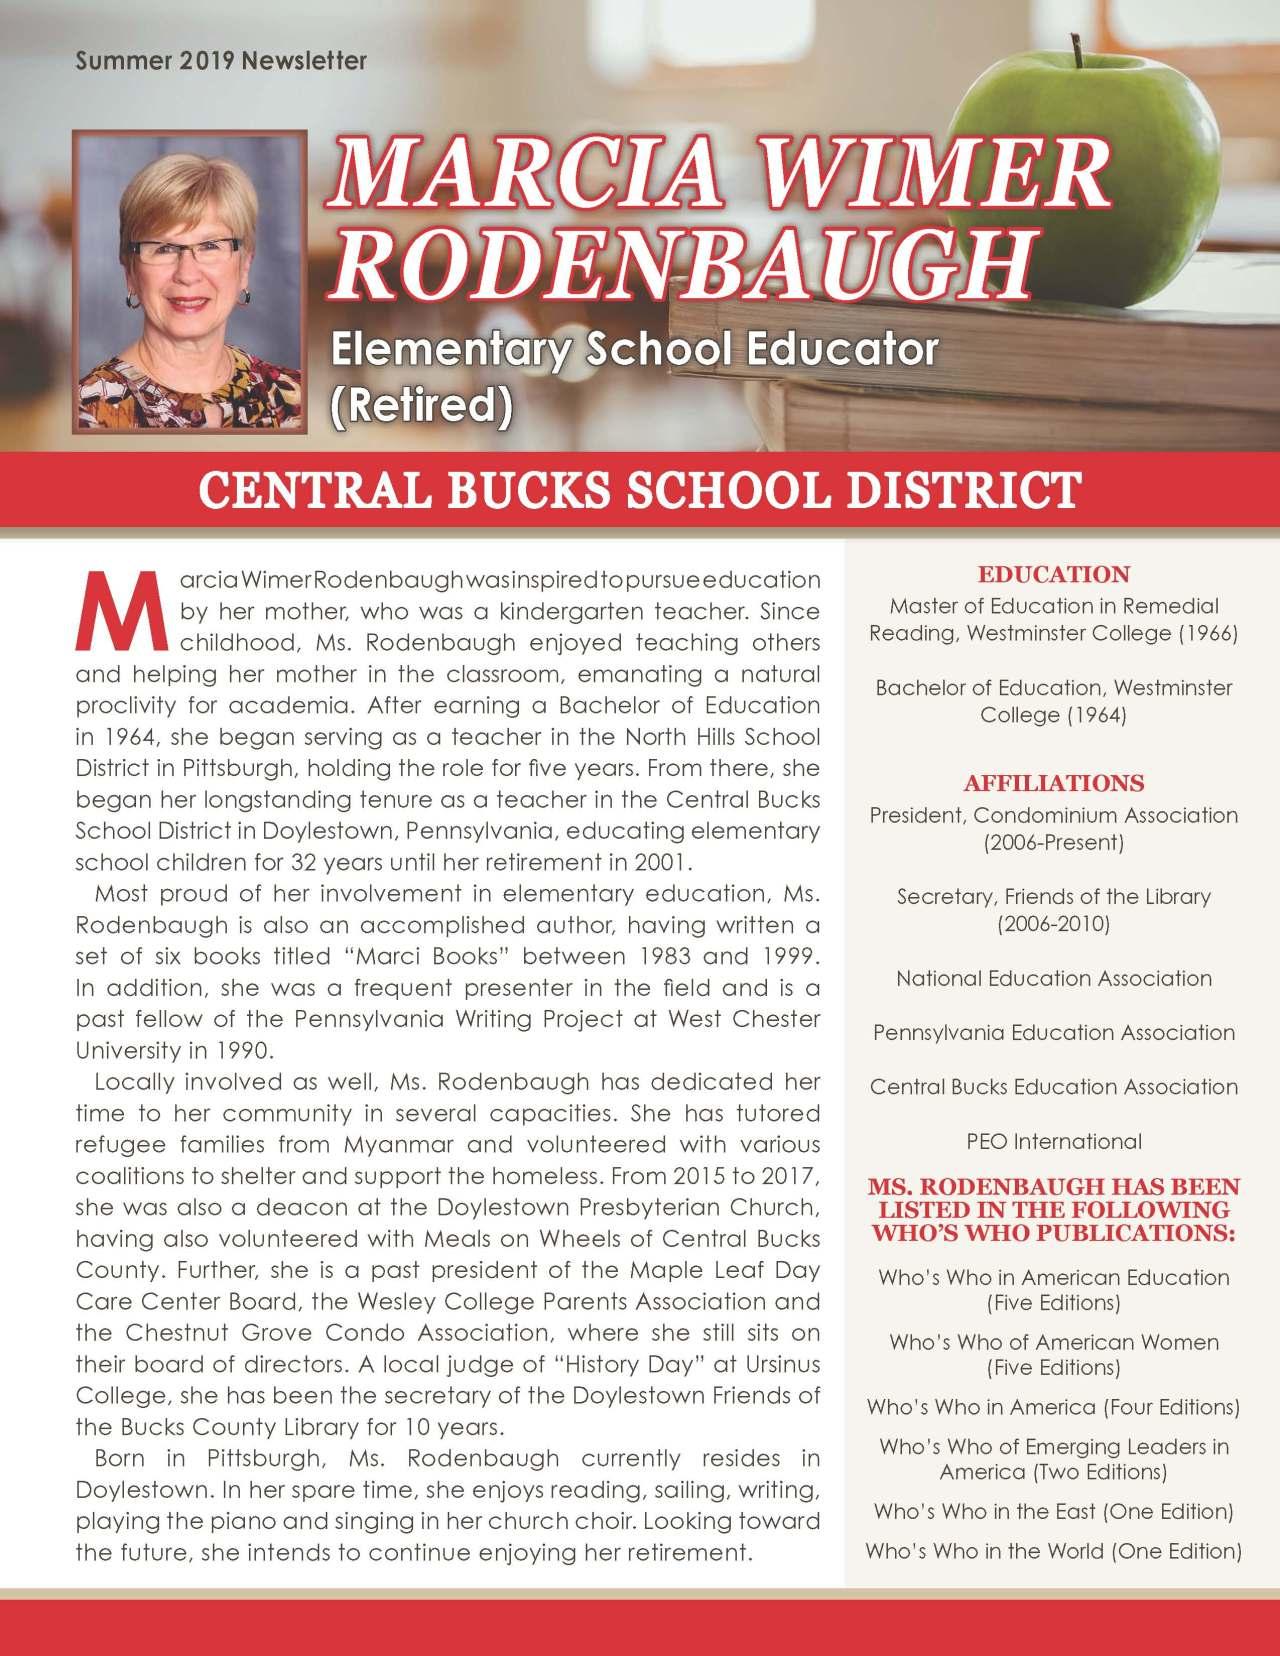 Rodenbaugh, Marcia 4139397_3183546 Newsletter REVISED.jpg